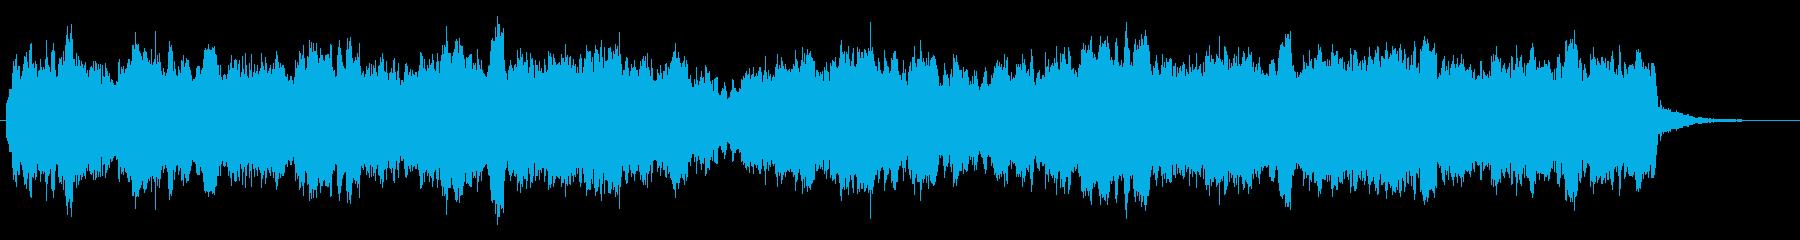 ホルンと笛のほのぼのとしたジングルの再生済みの波形